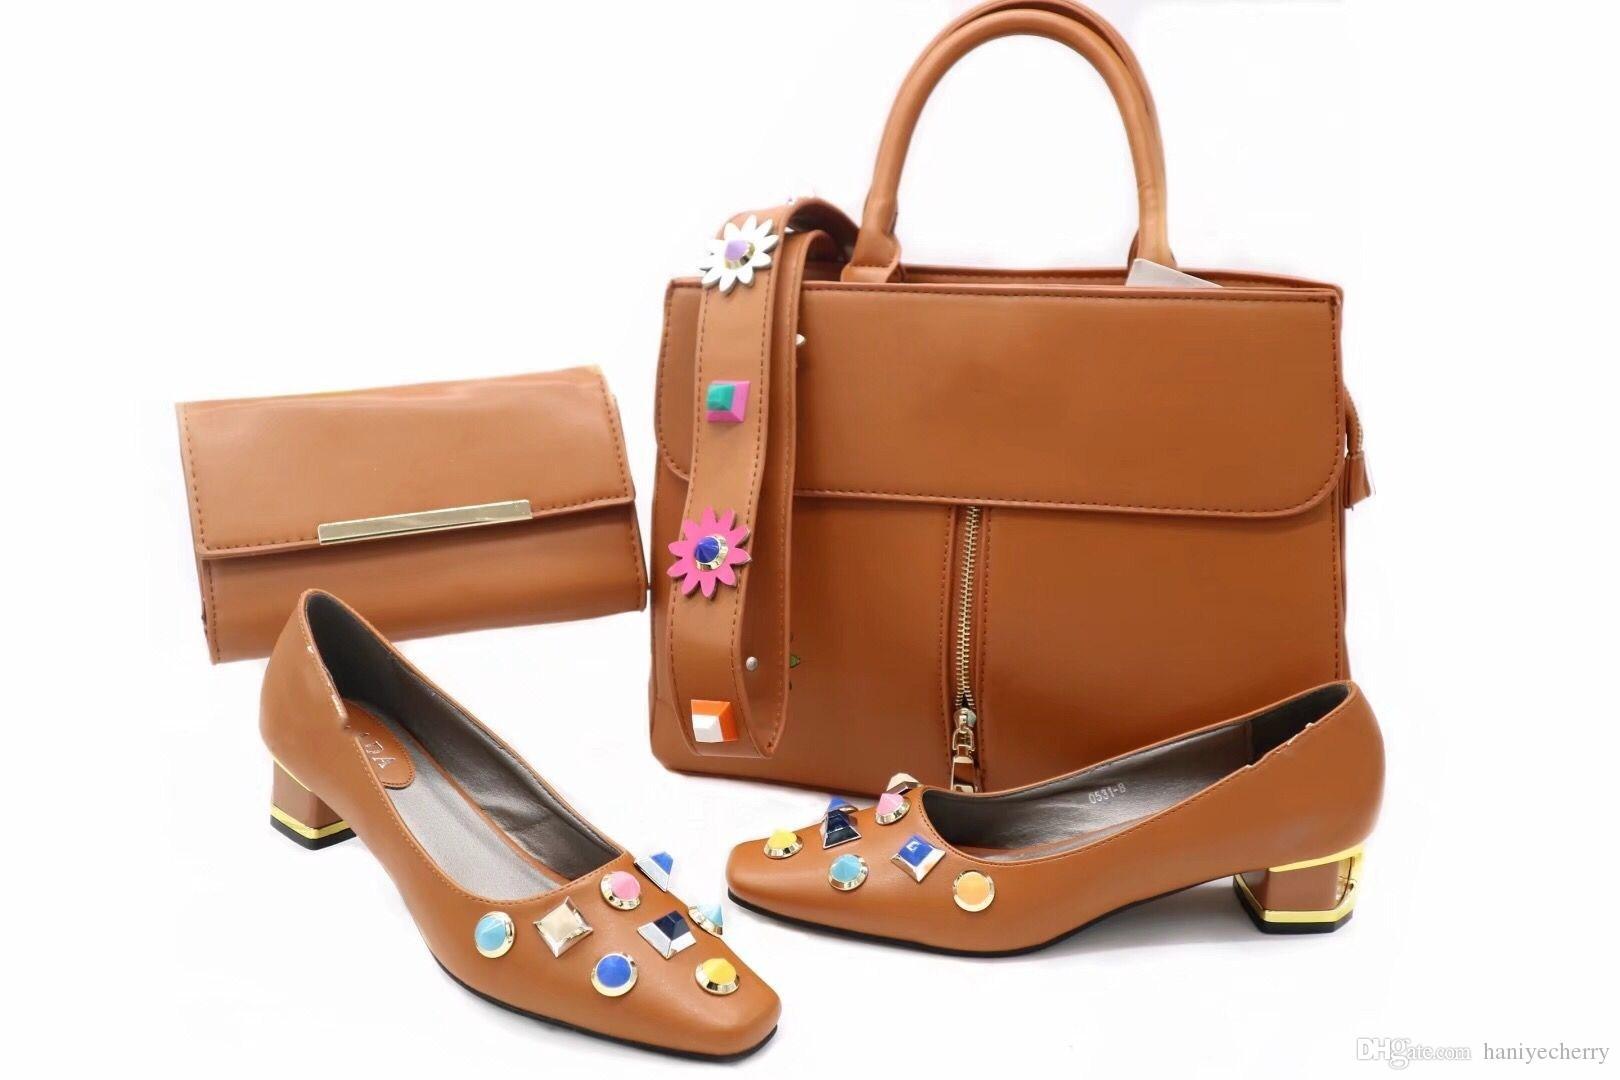 0acc3cdd70c2dc Acheter Dessins Et Modèles Italiens Chaussures Assorties Sac Et Chaussures  De Style Africain De $80.64 Du Haniyecherry | DHgate.Com